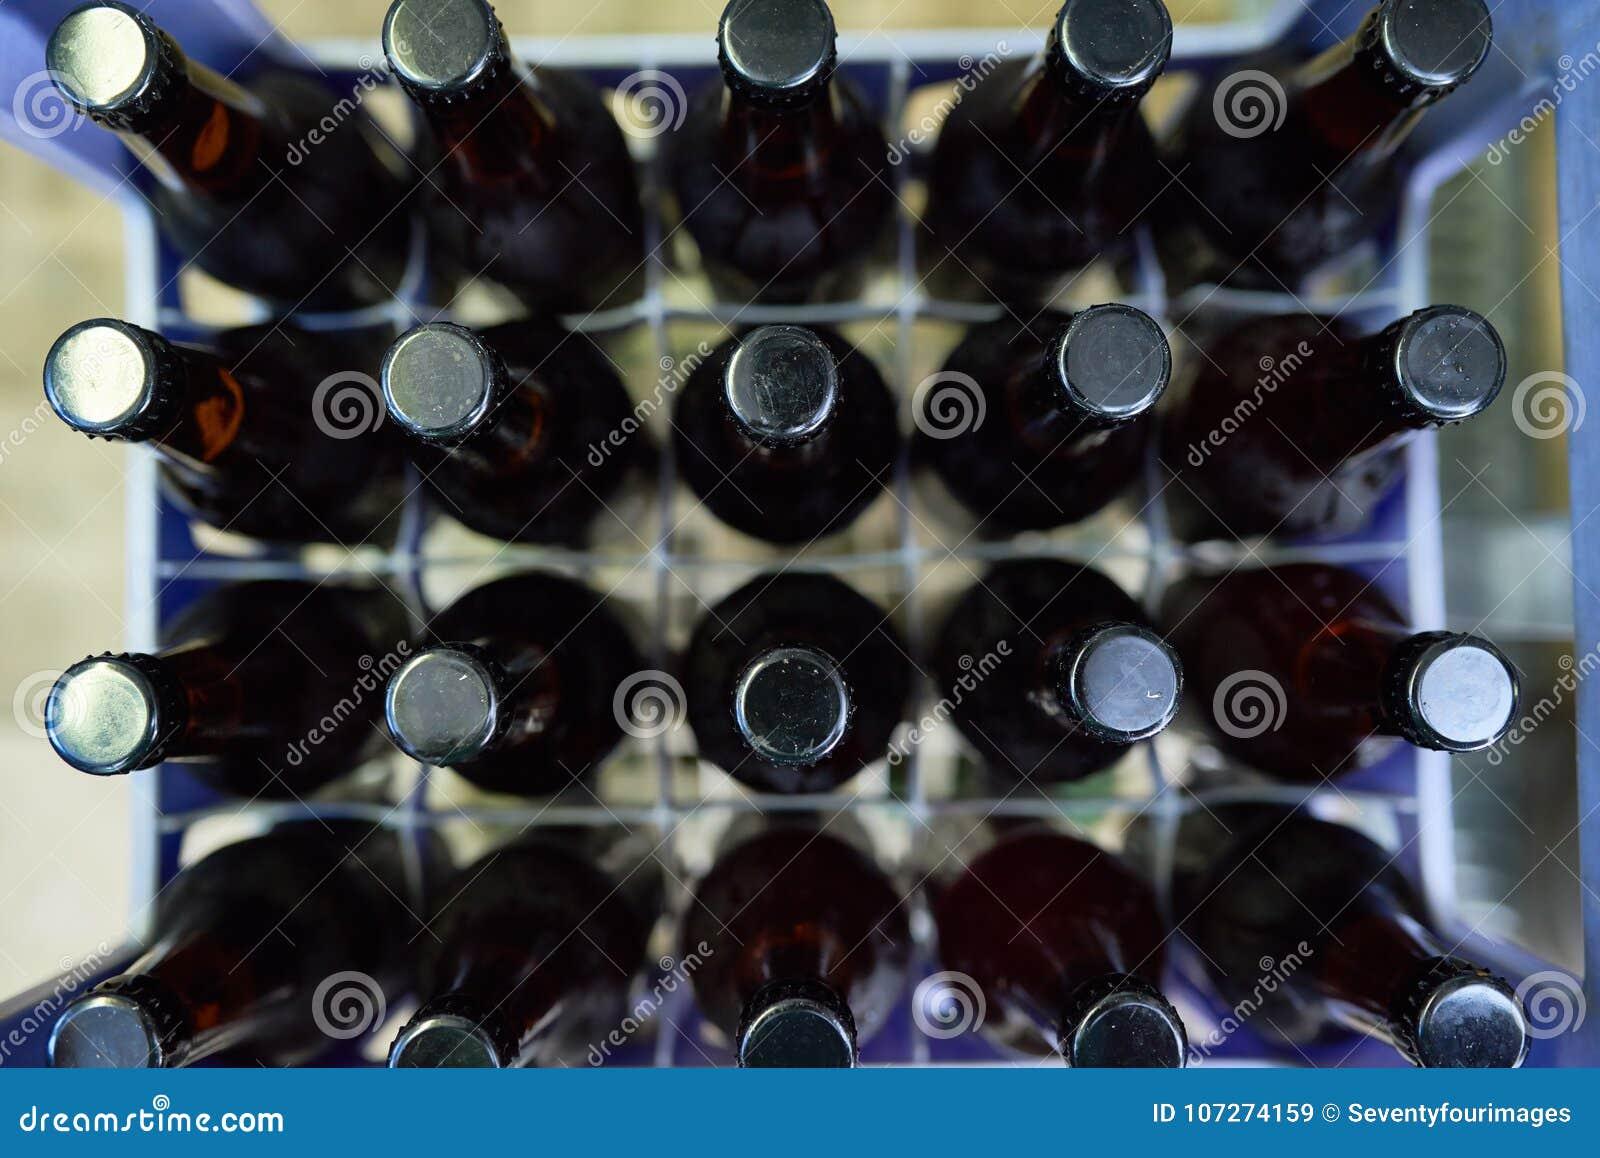 bouteilles bire dans la caisse en plastique - Caisse Biere Plastique